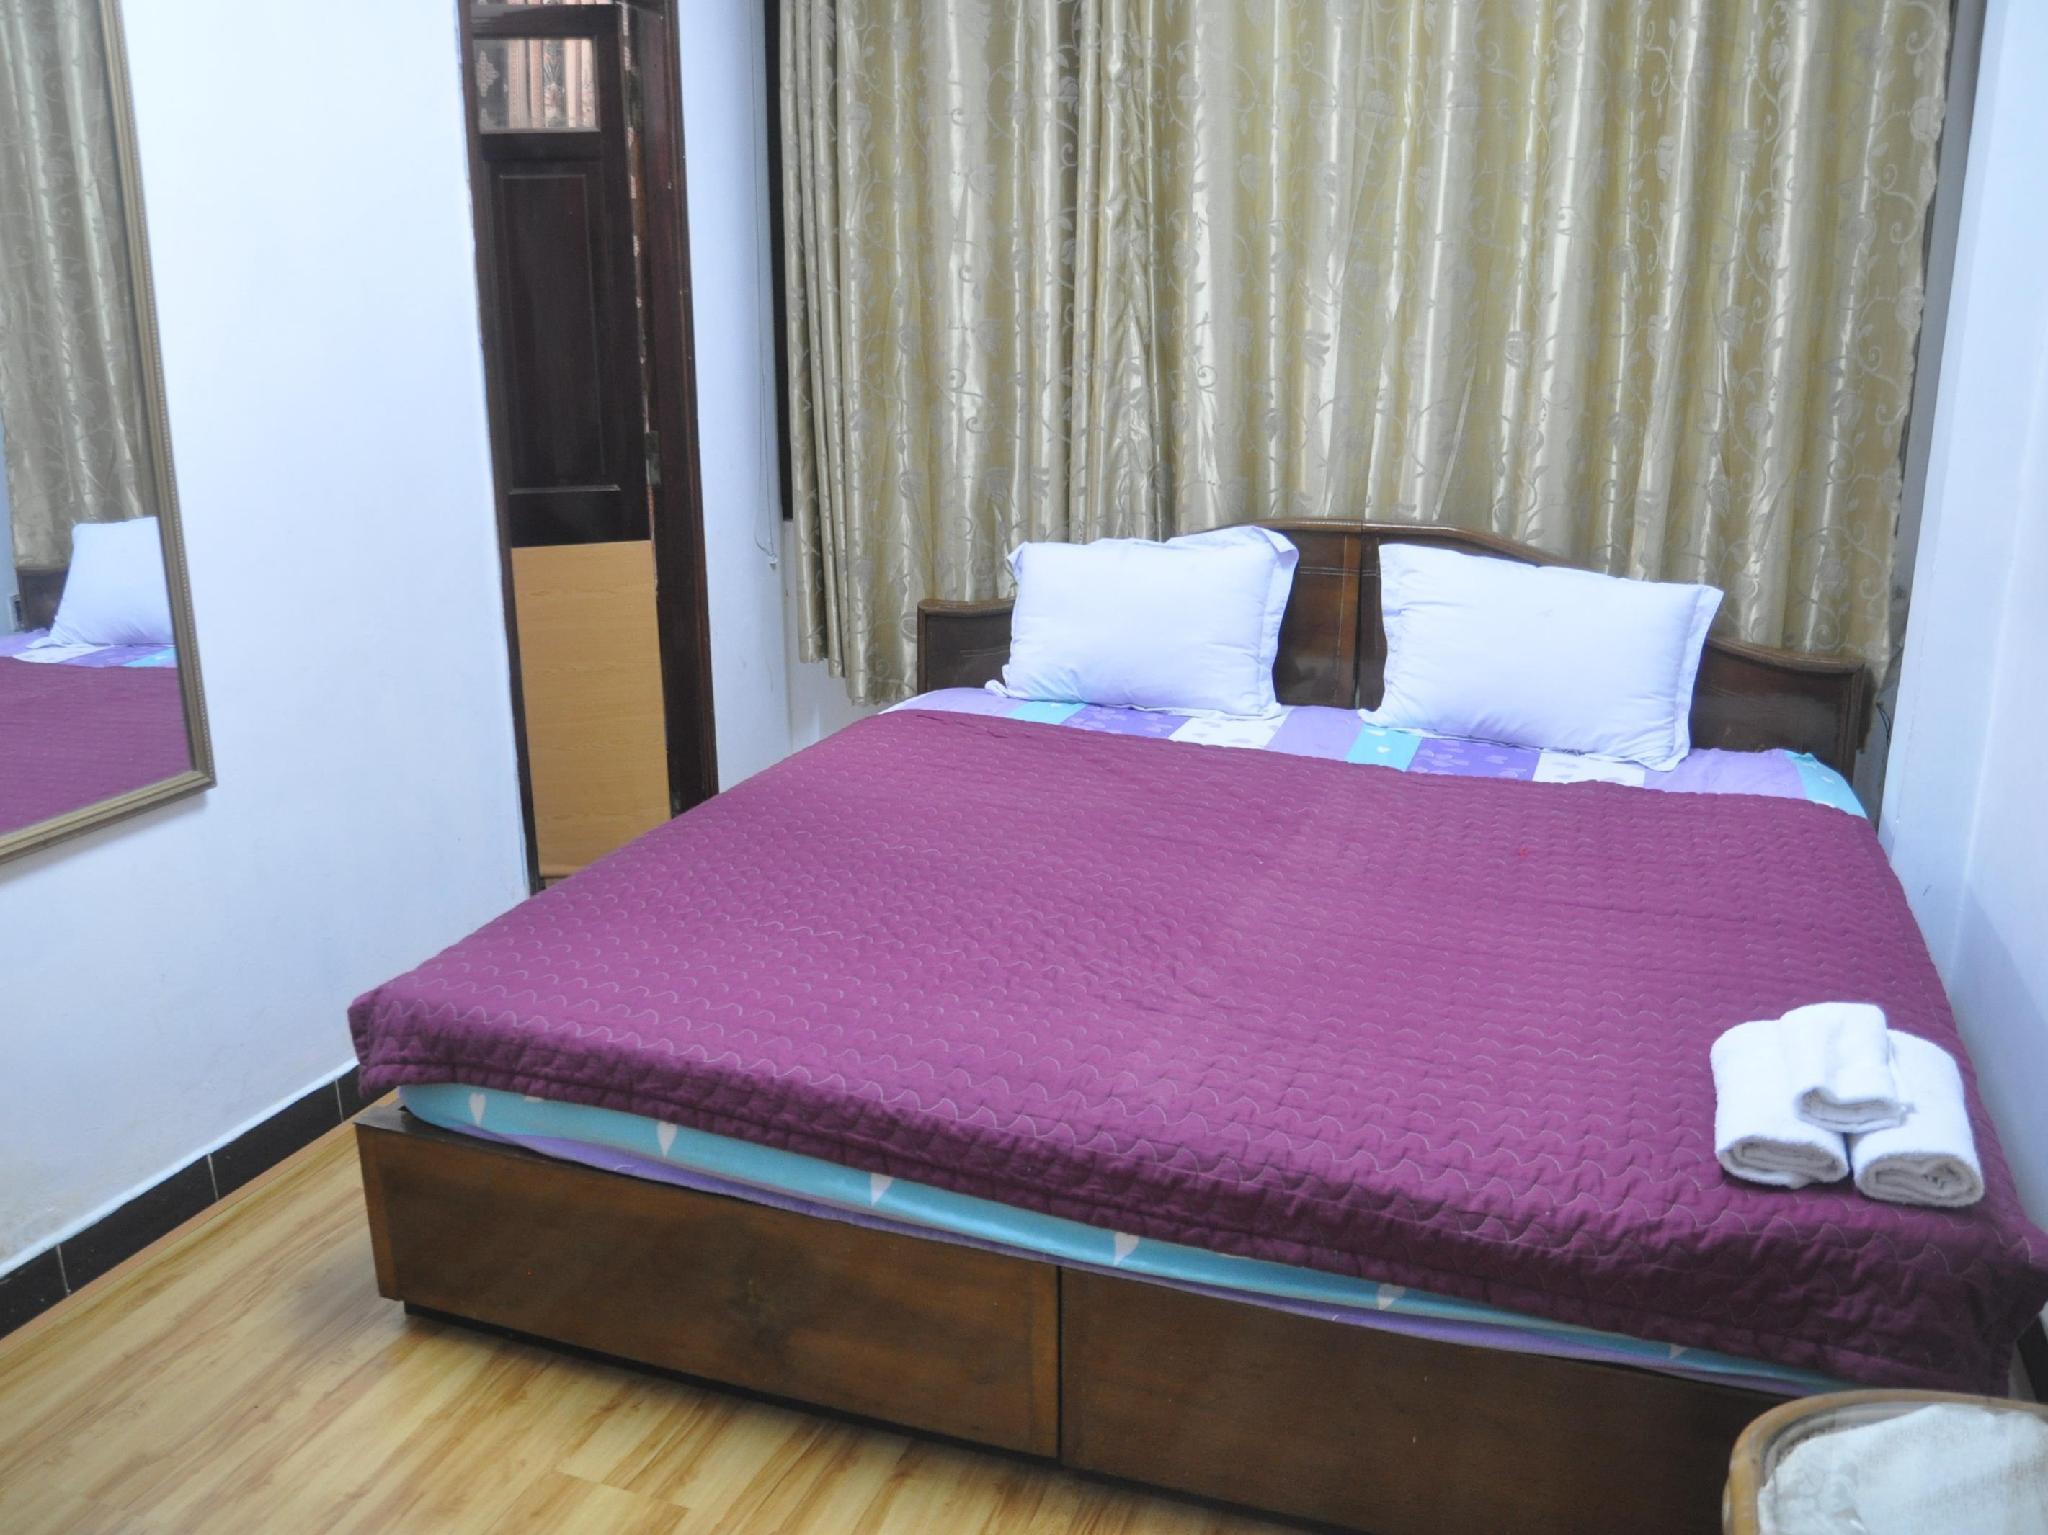 Venus Hostel - Hotell och Boende i Vietnam , Ho Chi Minh City